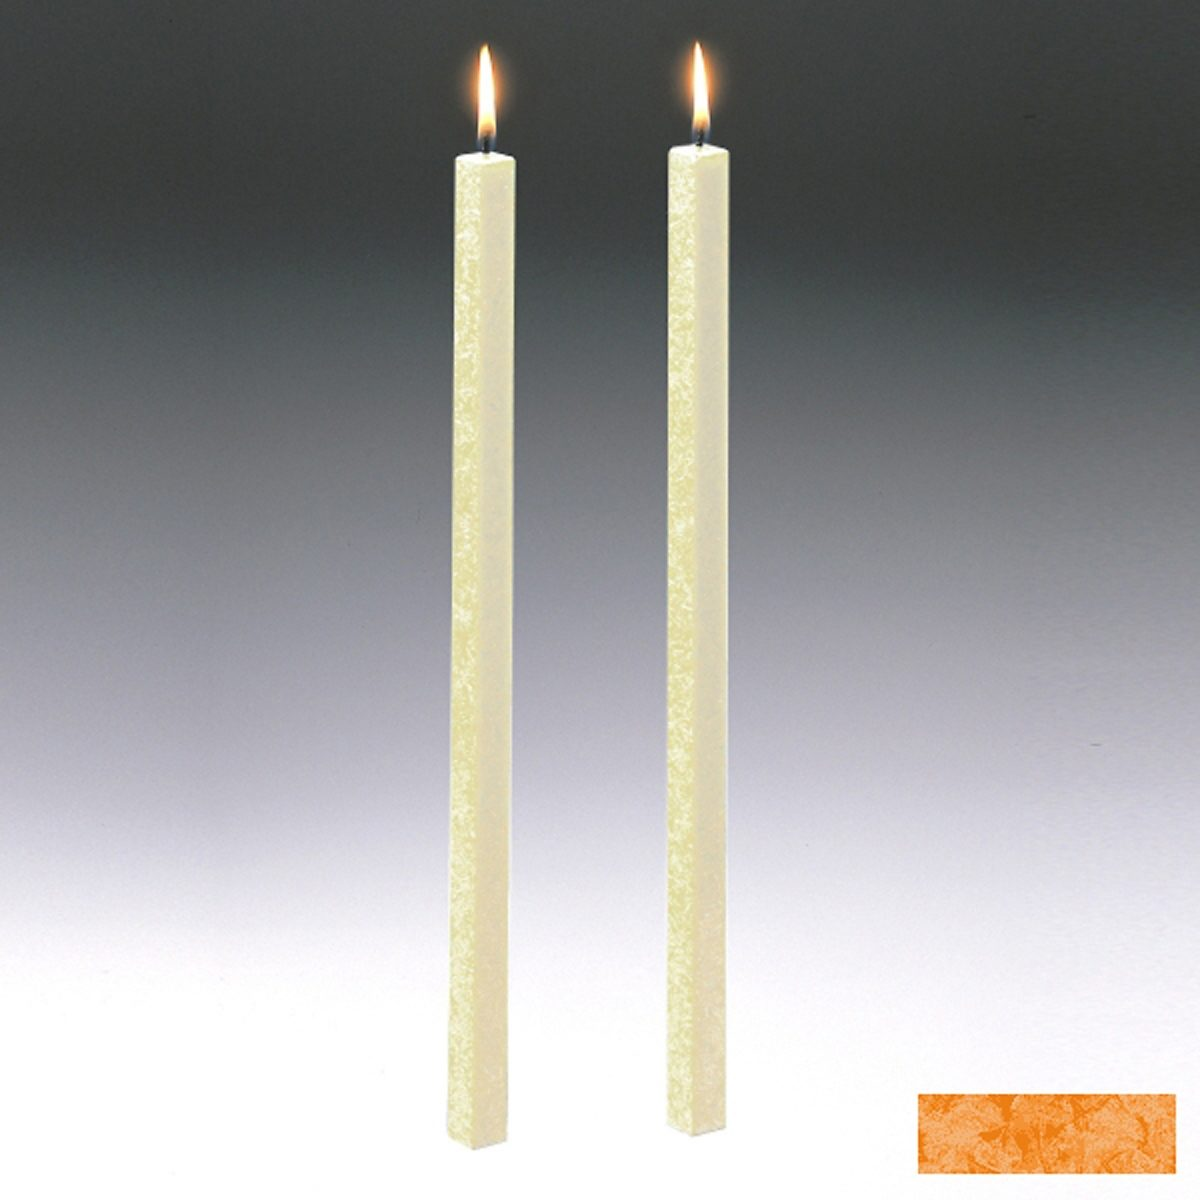 Amabiente Amabiente Kerze CLASSIC Mango 40cm - 2er Set